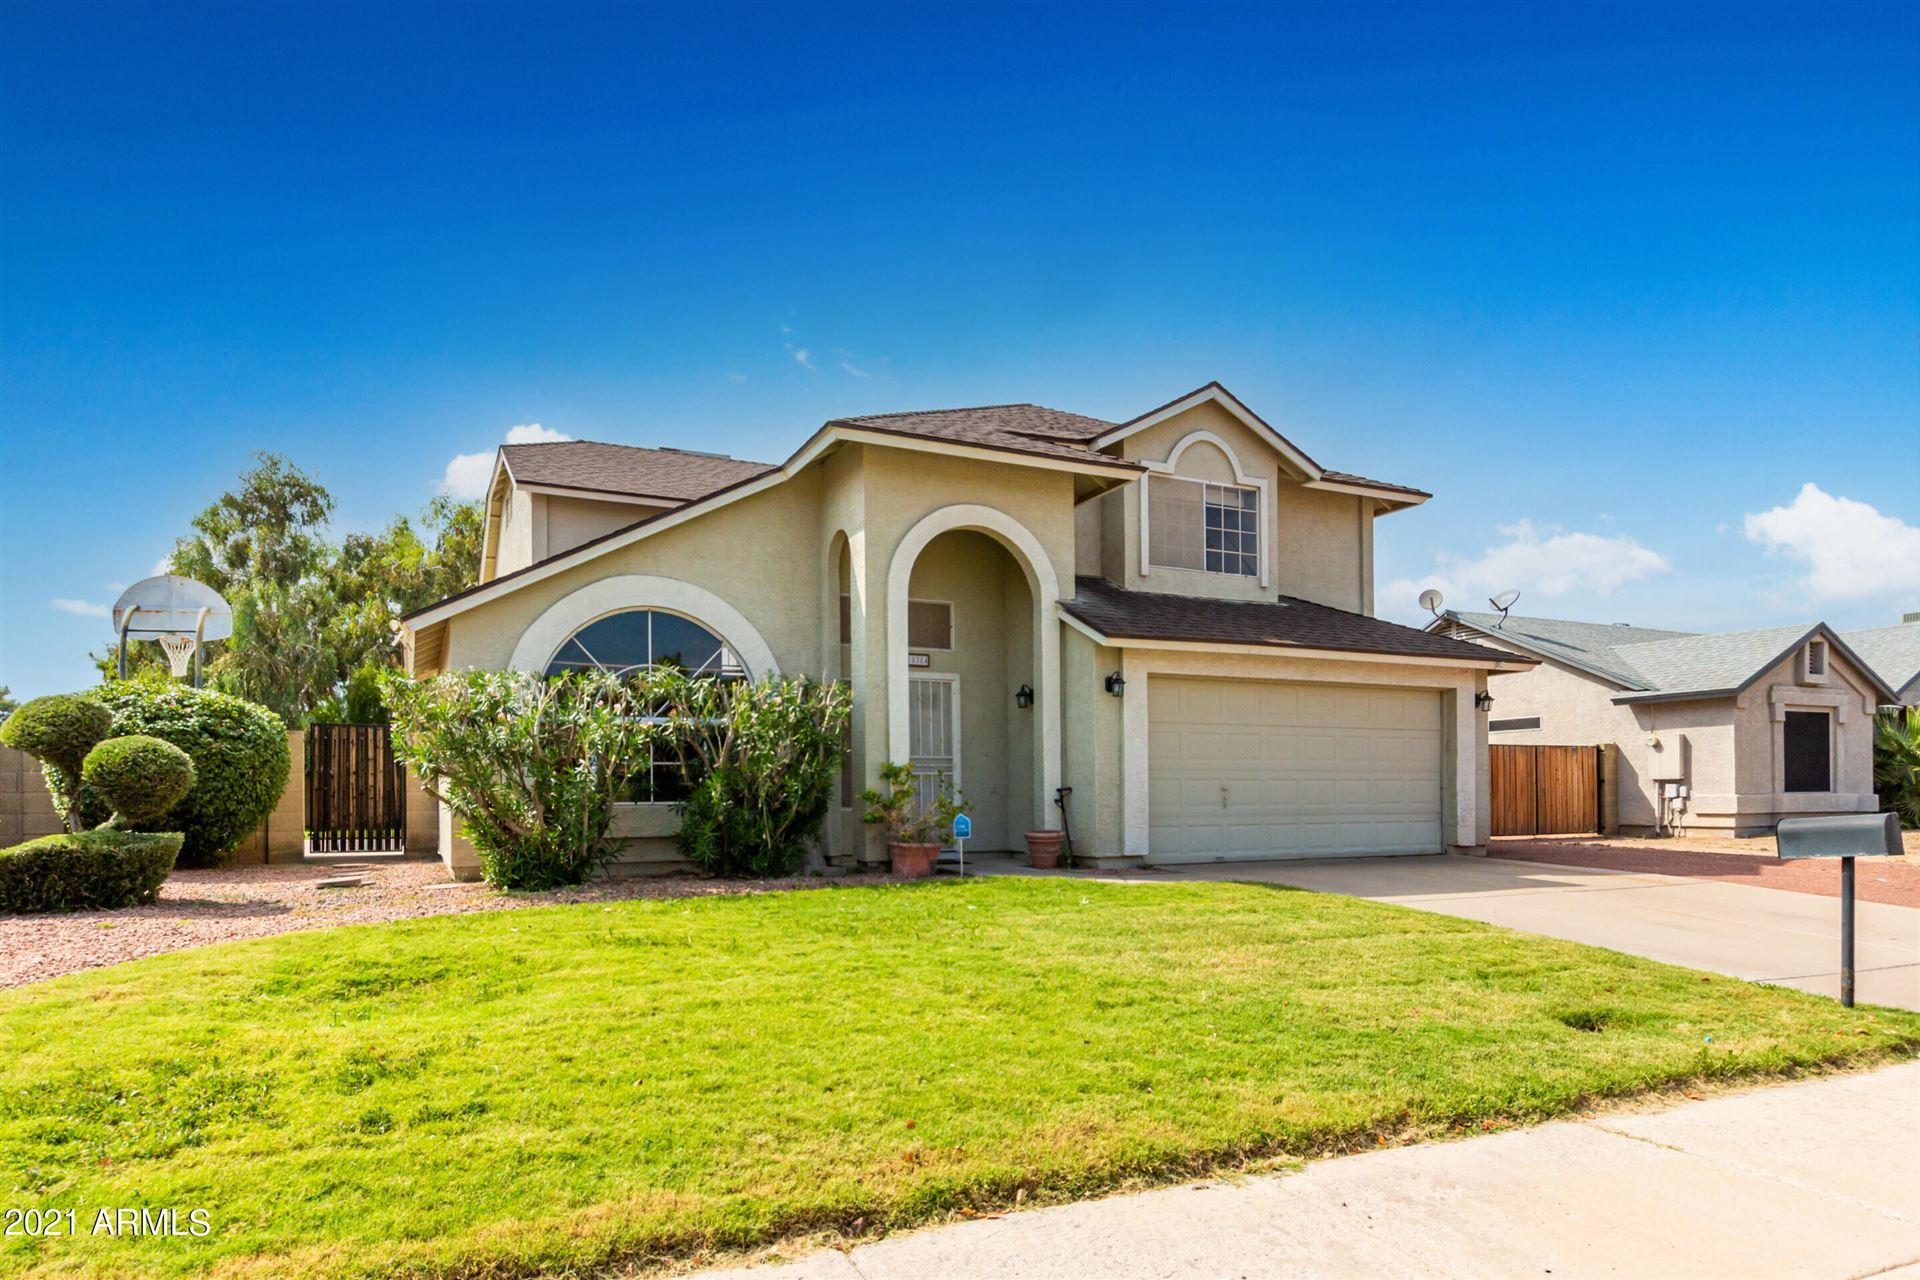 Photo of 15284 N 62ND Drive, Glendale, AZ 85306 (MLS # 6296058)